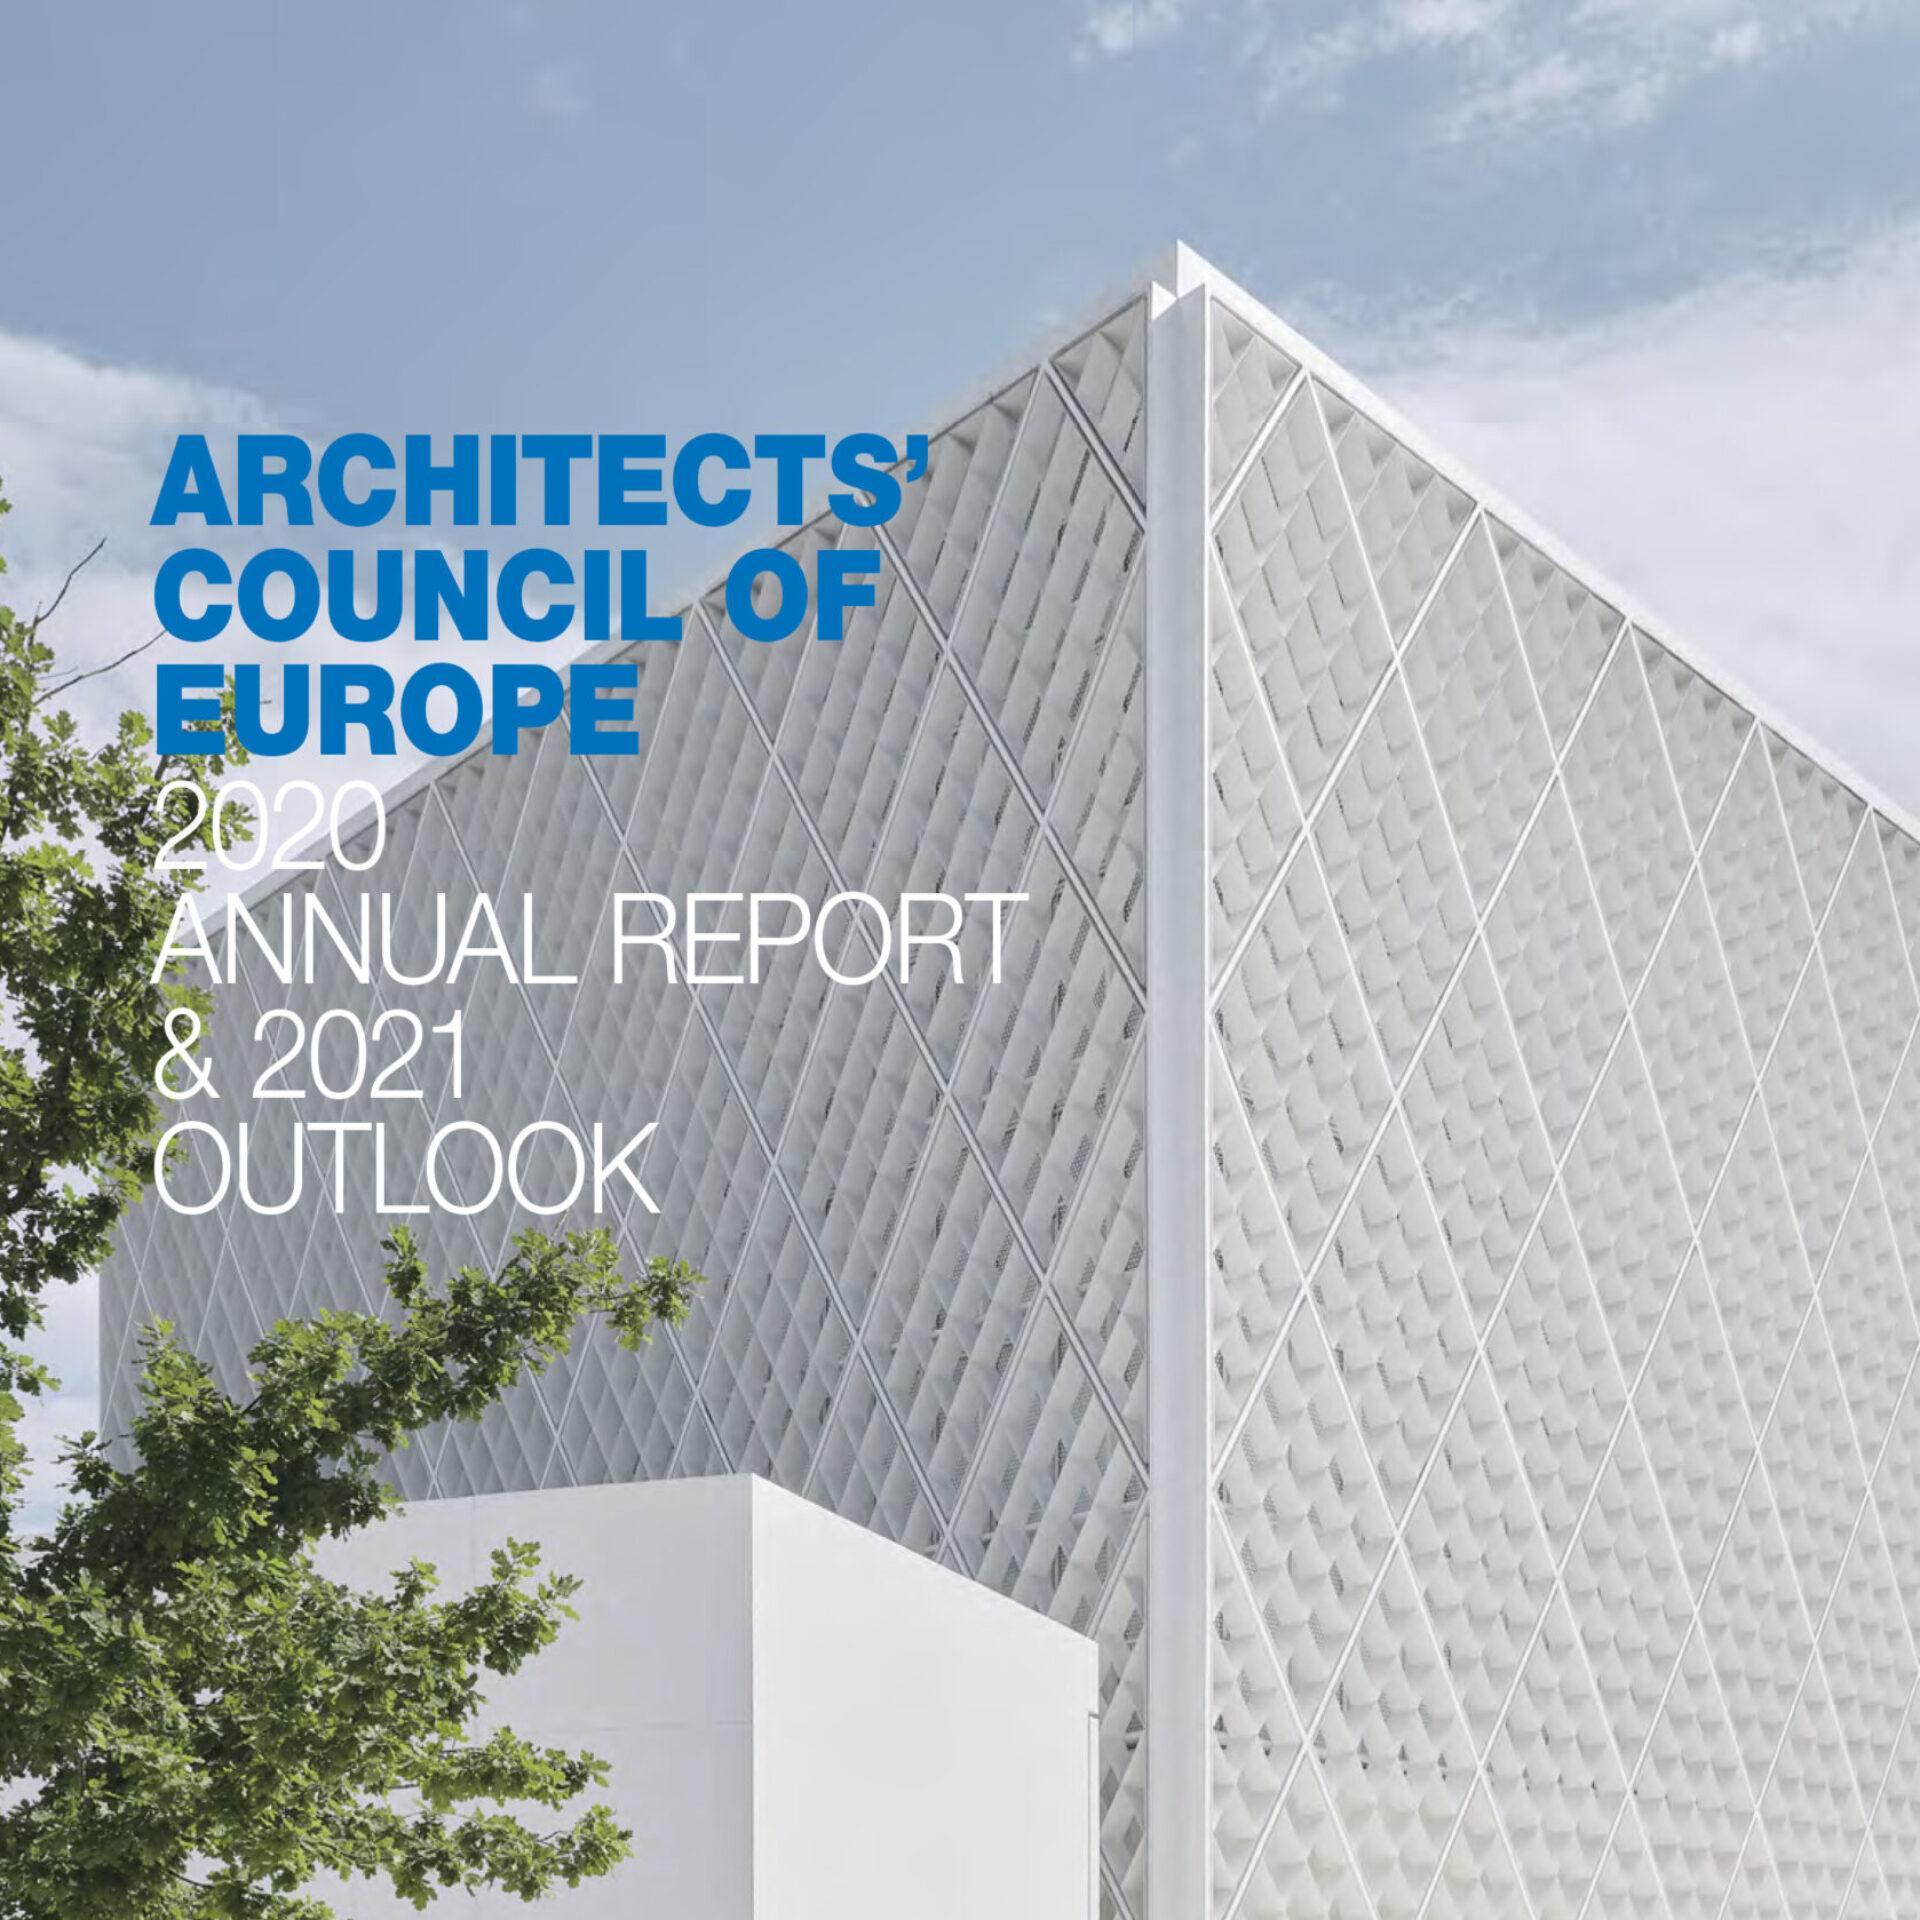 ACE letno poročilo 2020 in napoved za 2021